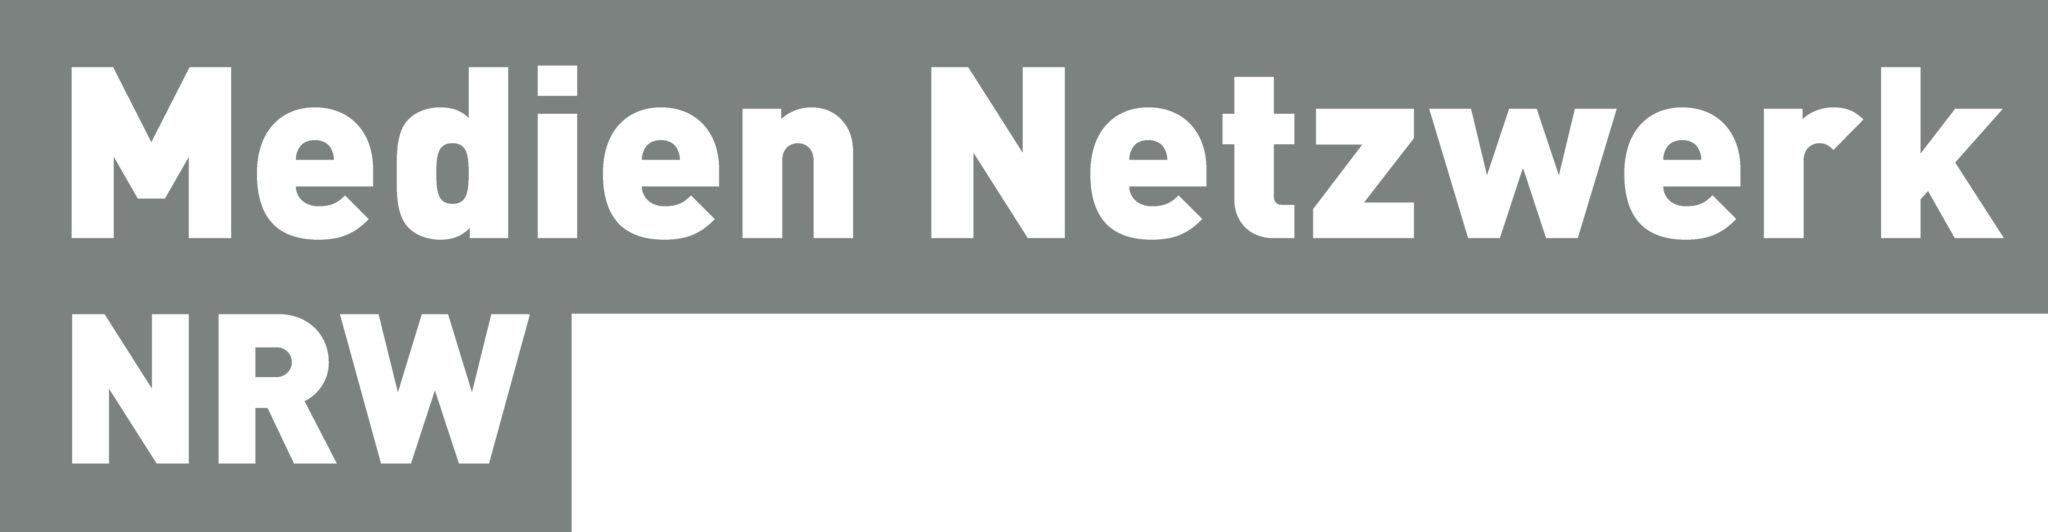 Mediennetzwerk-NRW